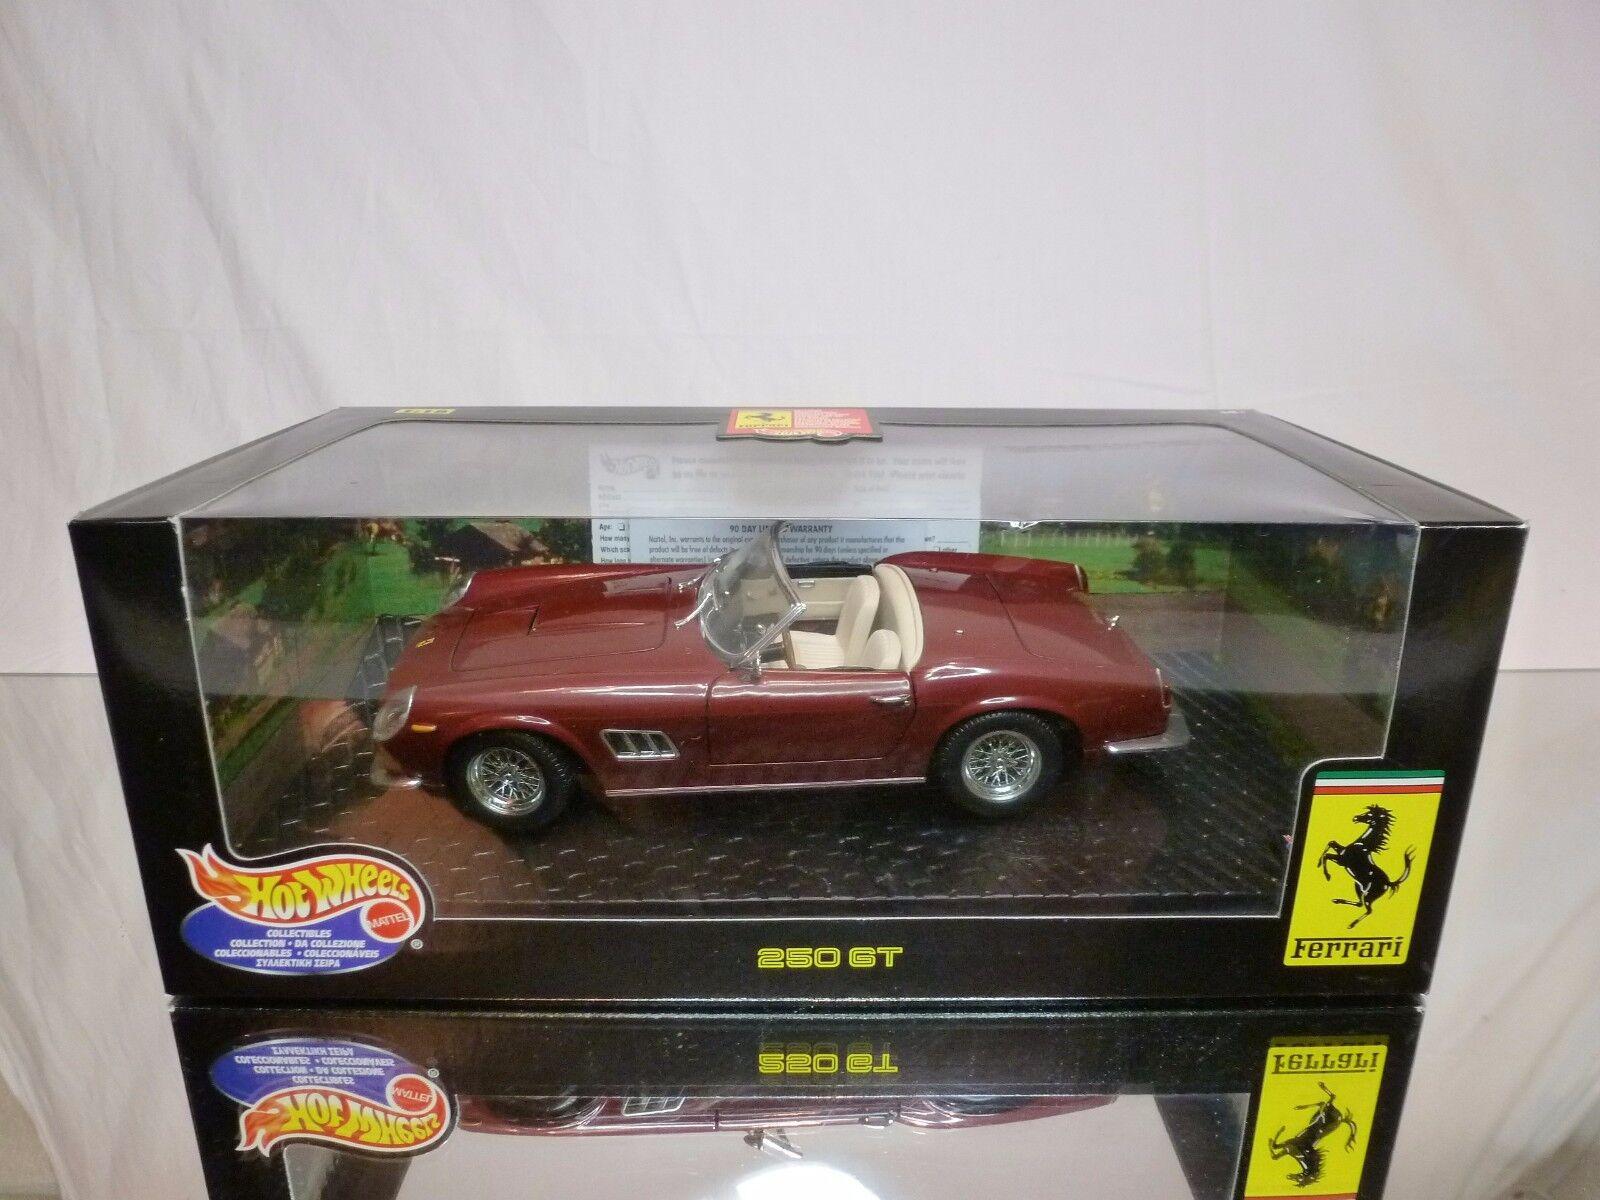 HOT WHEELS 25727 FERRARI 250 GT - DARK RED 1 18 - EXCELLENT IN BOX